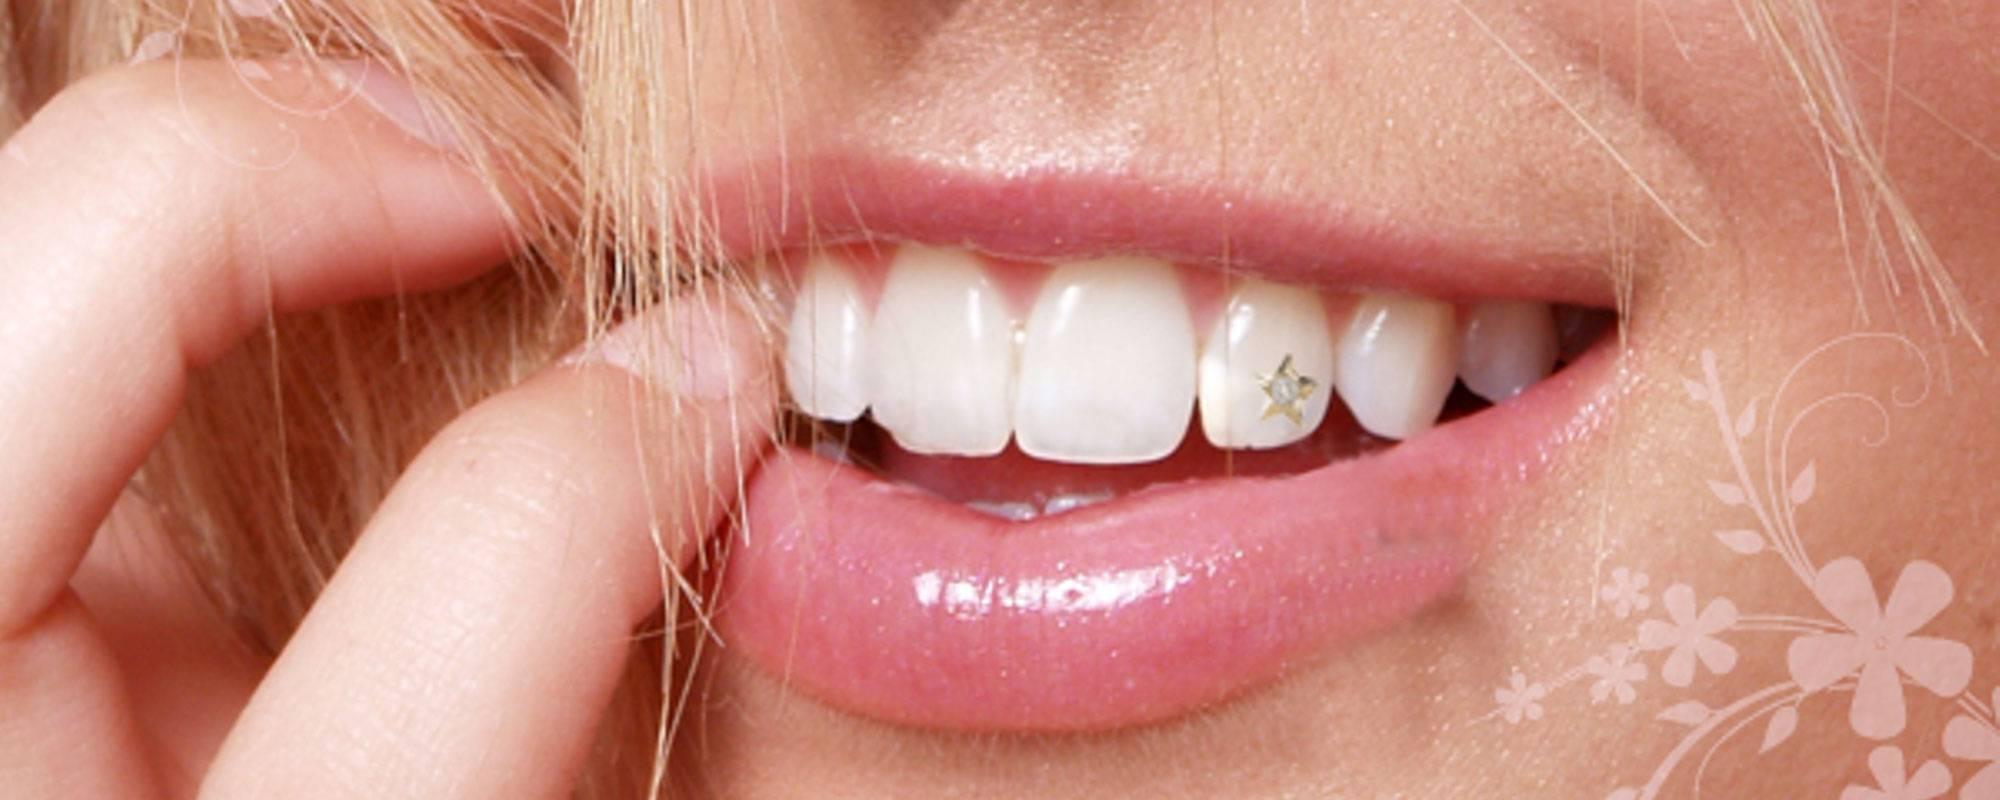 Скайсы и стразы на зубы